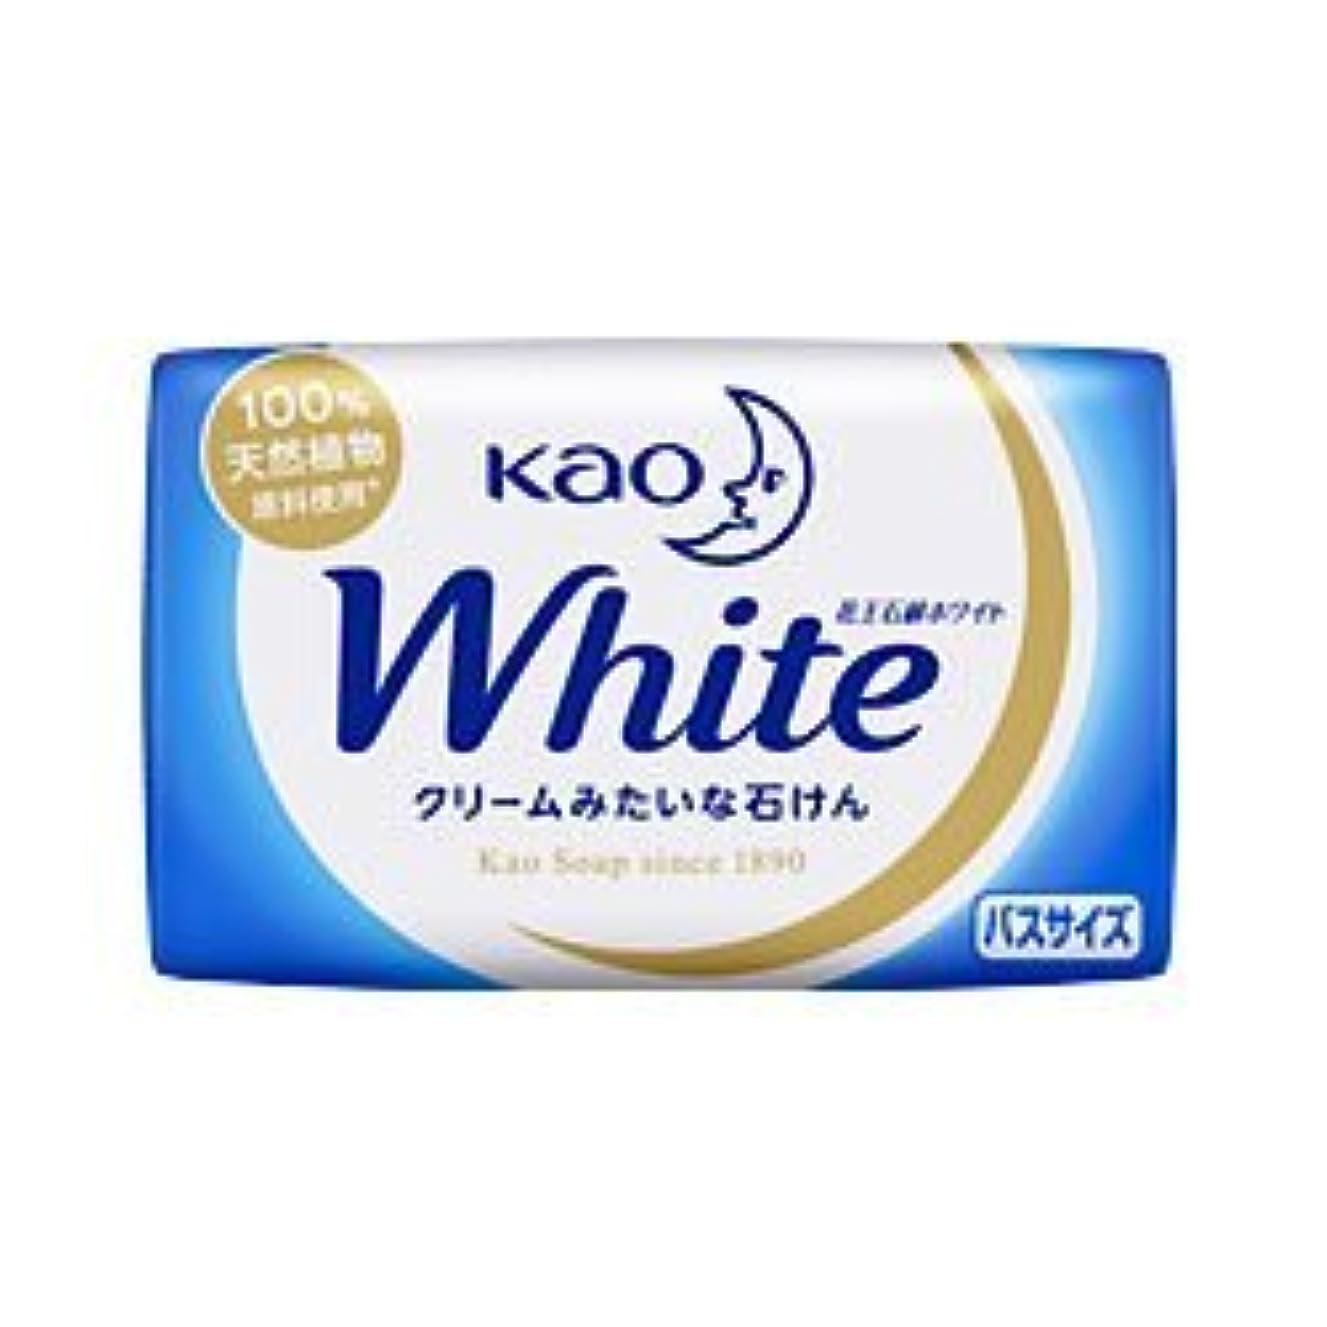 牛肉陪審みすぼらしい【花王】花王ホワイト バスサイズ 1個 130g ×10個セット